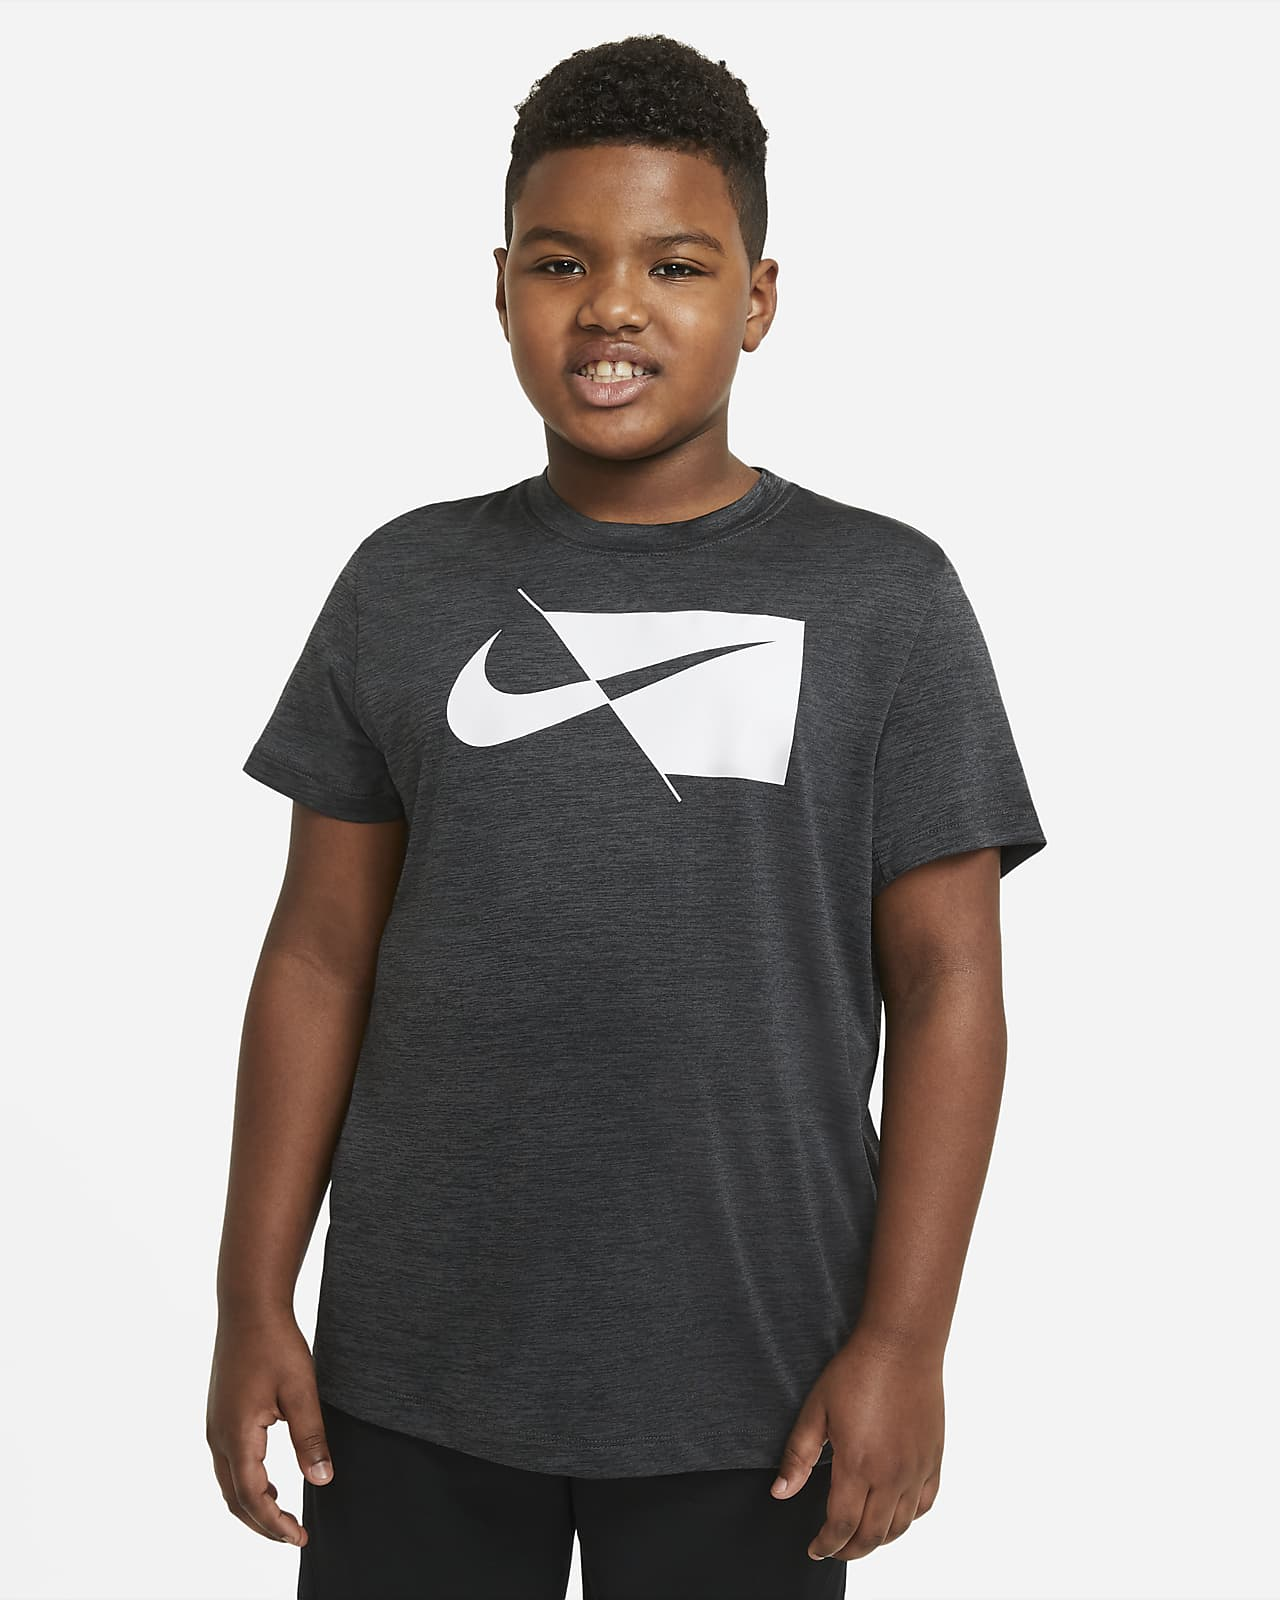 Nike Kurzarm-Trainingsoberteil für ältere Kinder (Jungen) (erweiterte Größe)